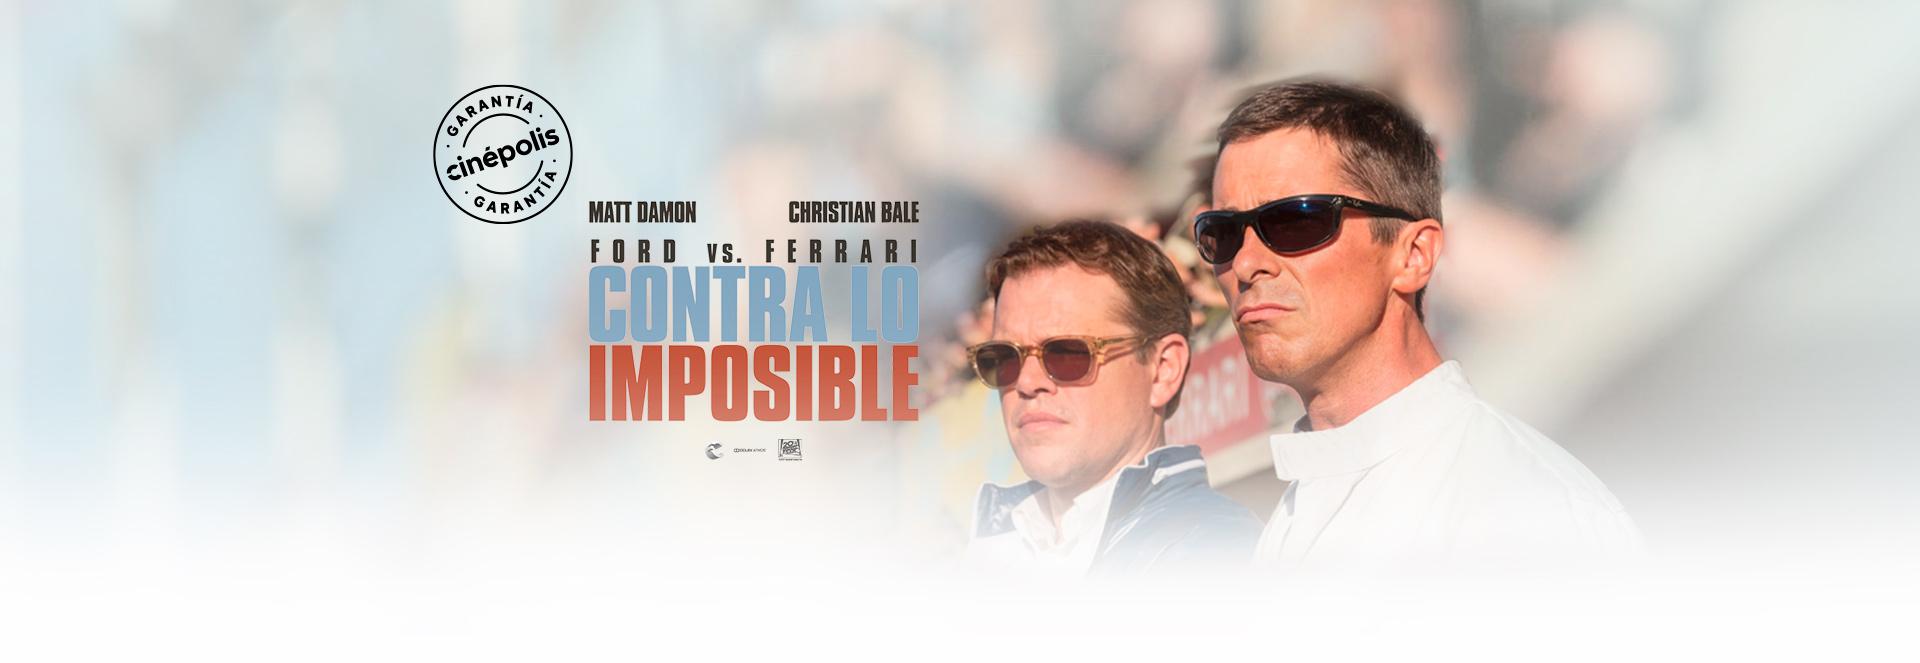 Banner Contra lo imposible | Garantía Cinépolis